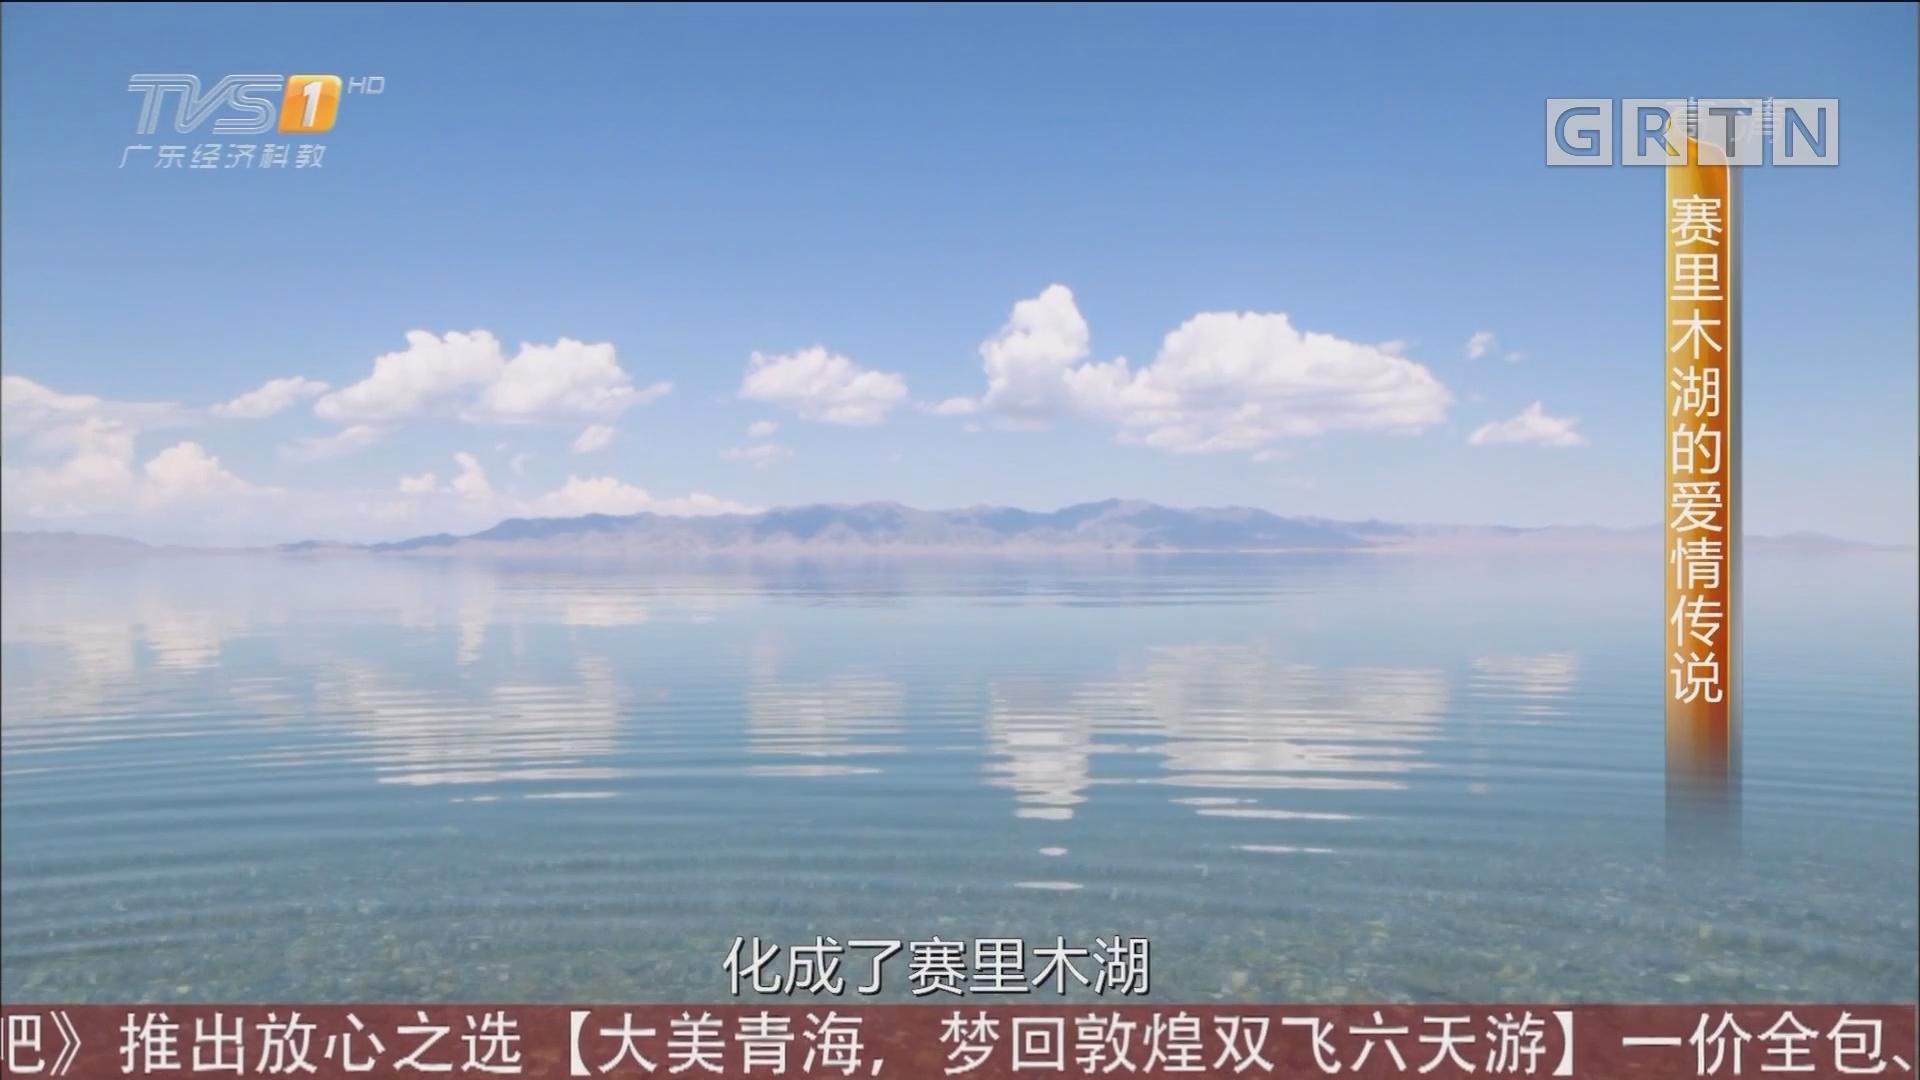 北疆——伊犁·赛里木湖